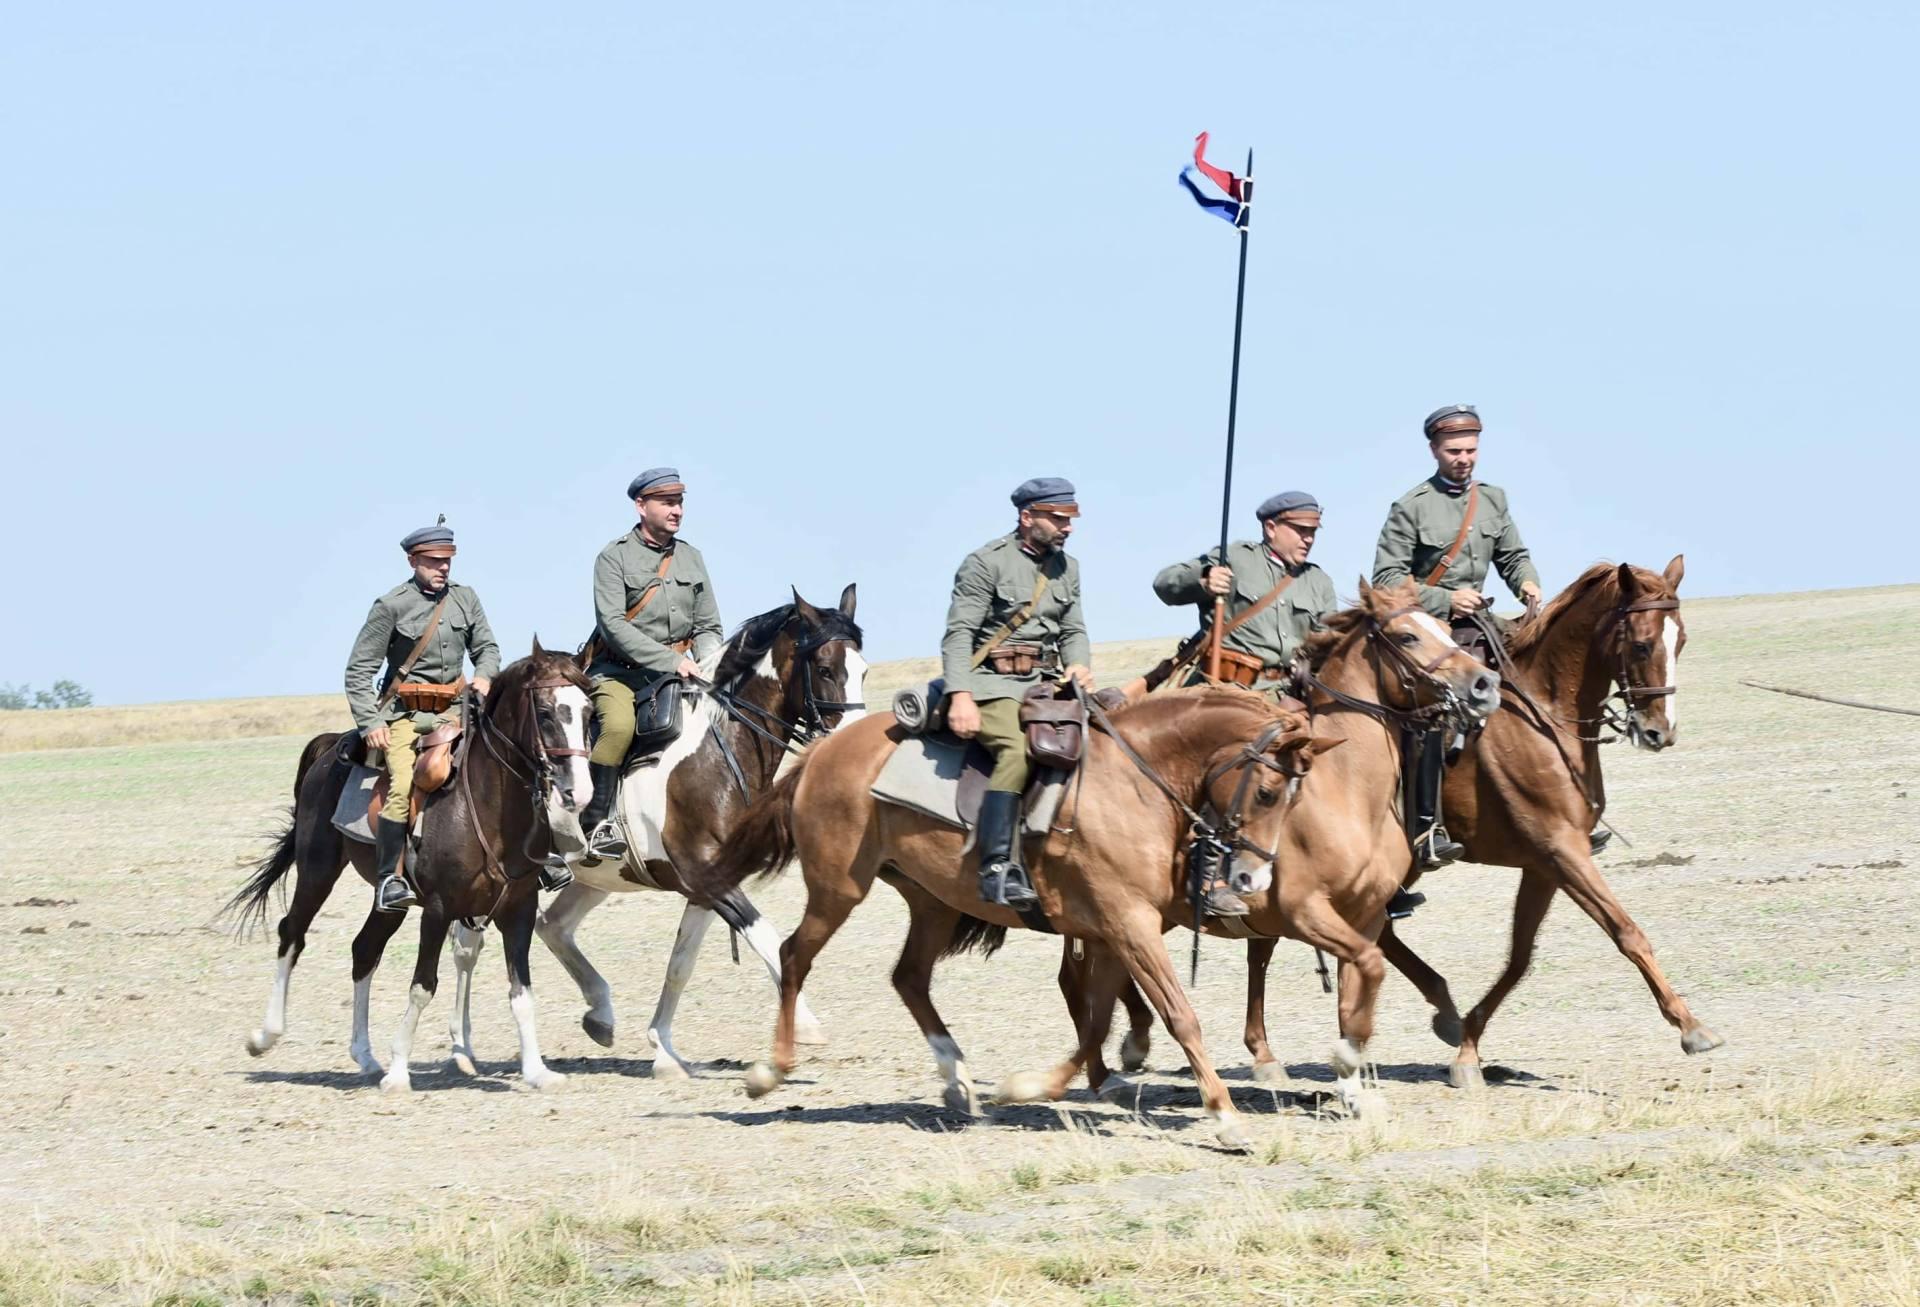 dsc 0641 Czas szabli - 100 rocznica bitwy pod Komarowem(zdjęcia)